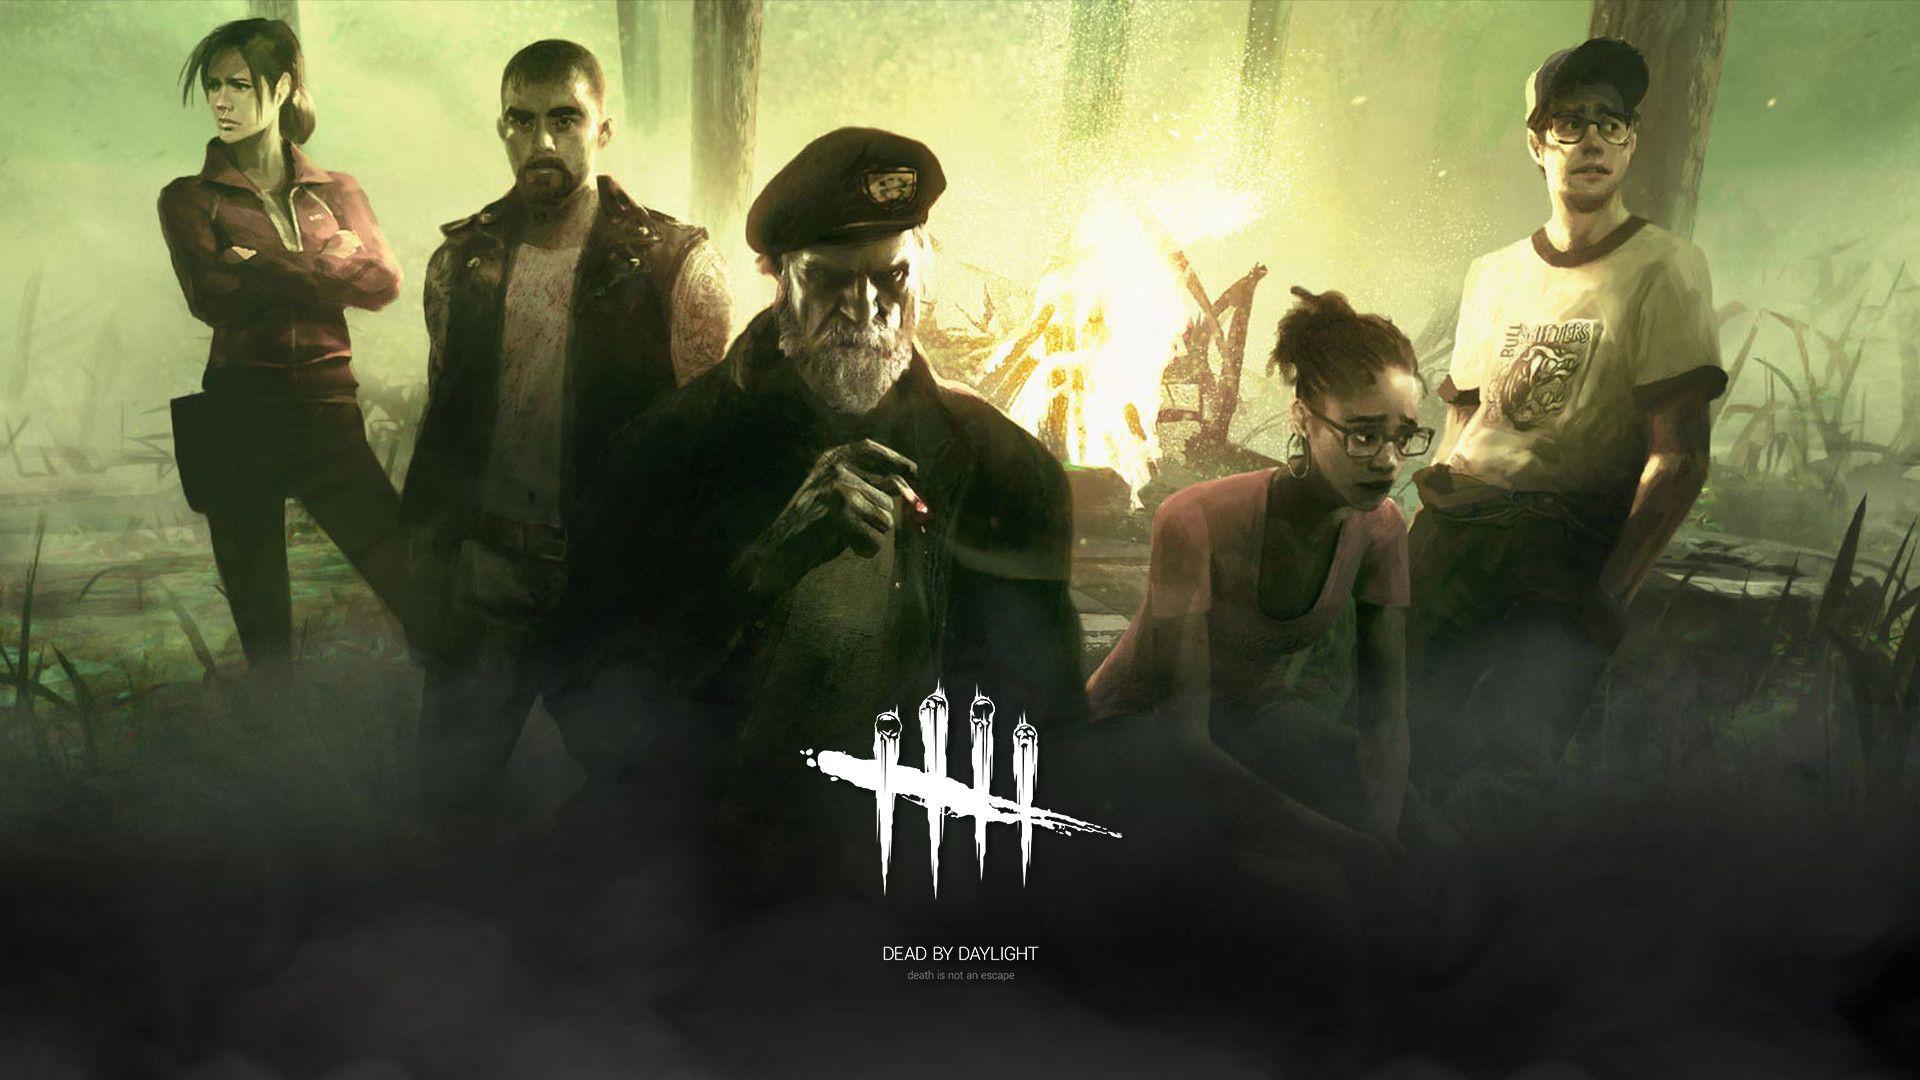 Res 1920x1080, [Quads id = 1] Apocalipsis de zombi